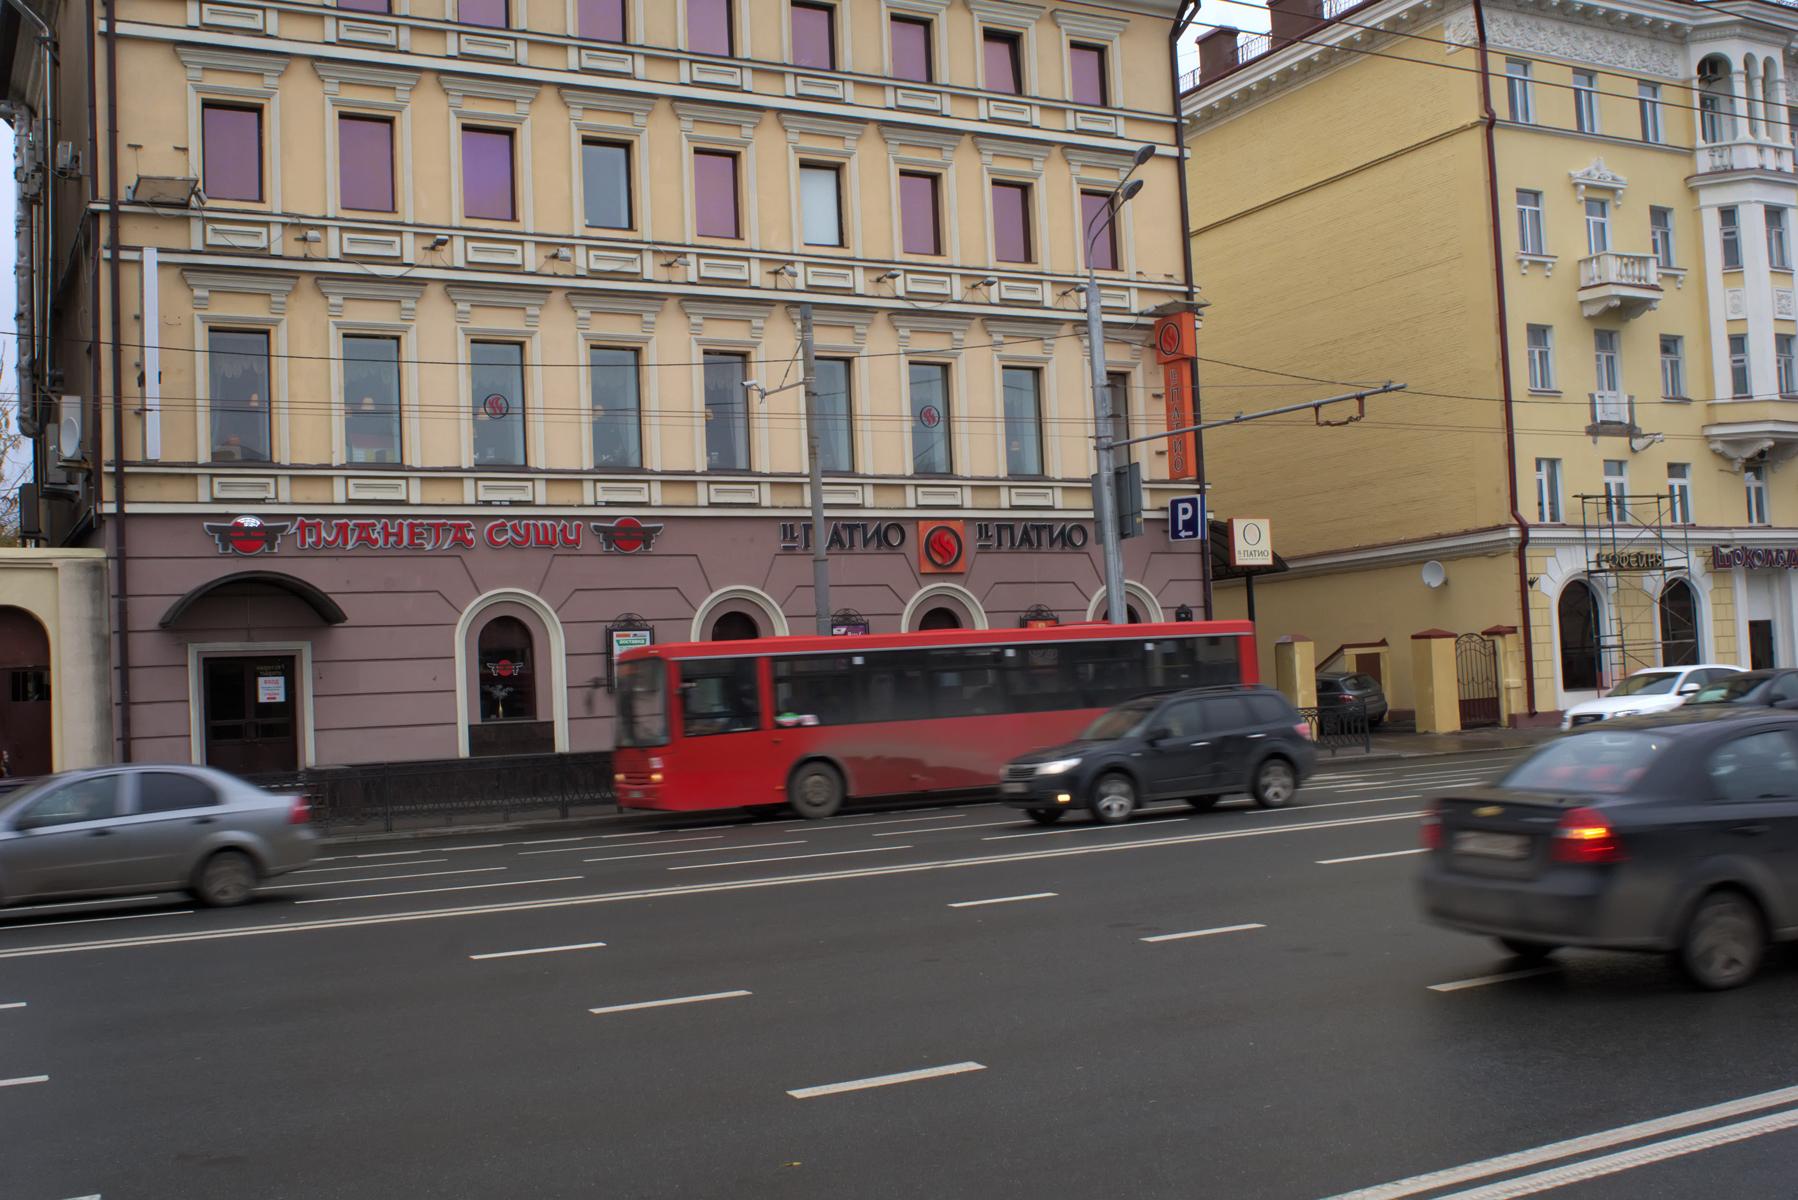 Движение в городе. Красный автобус